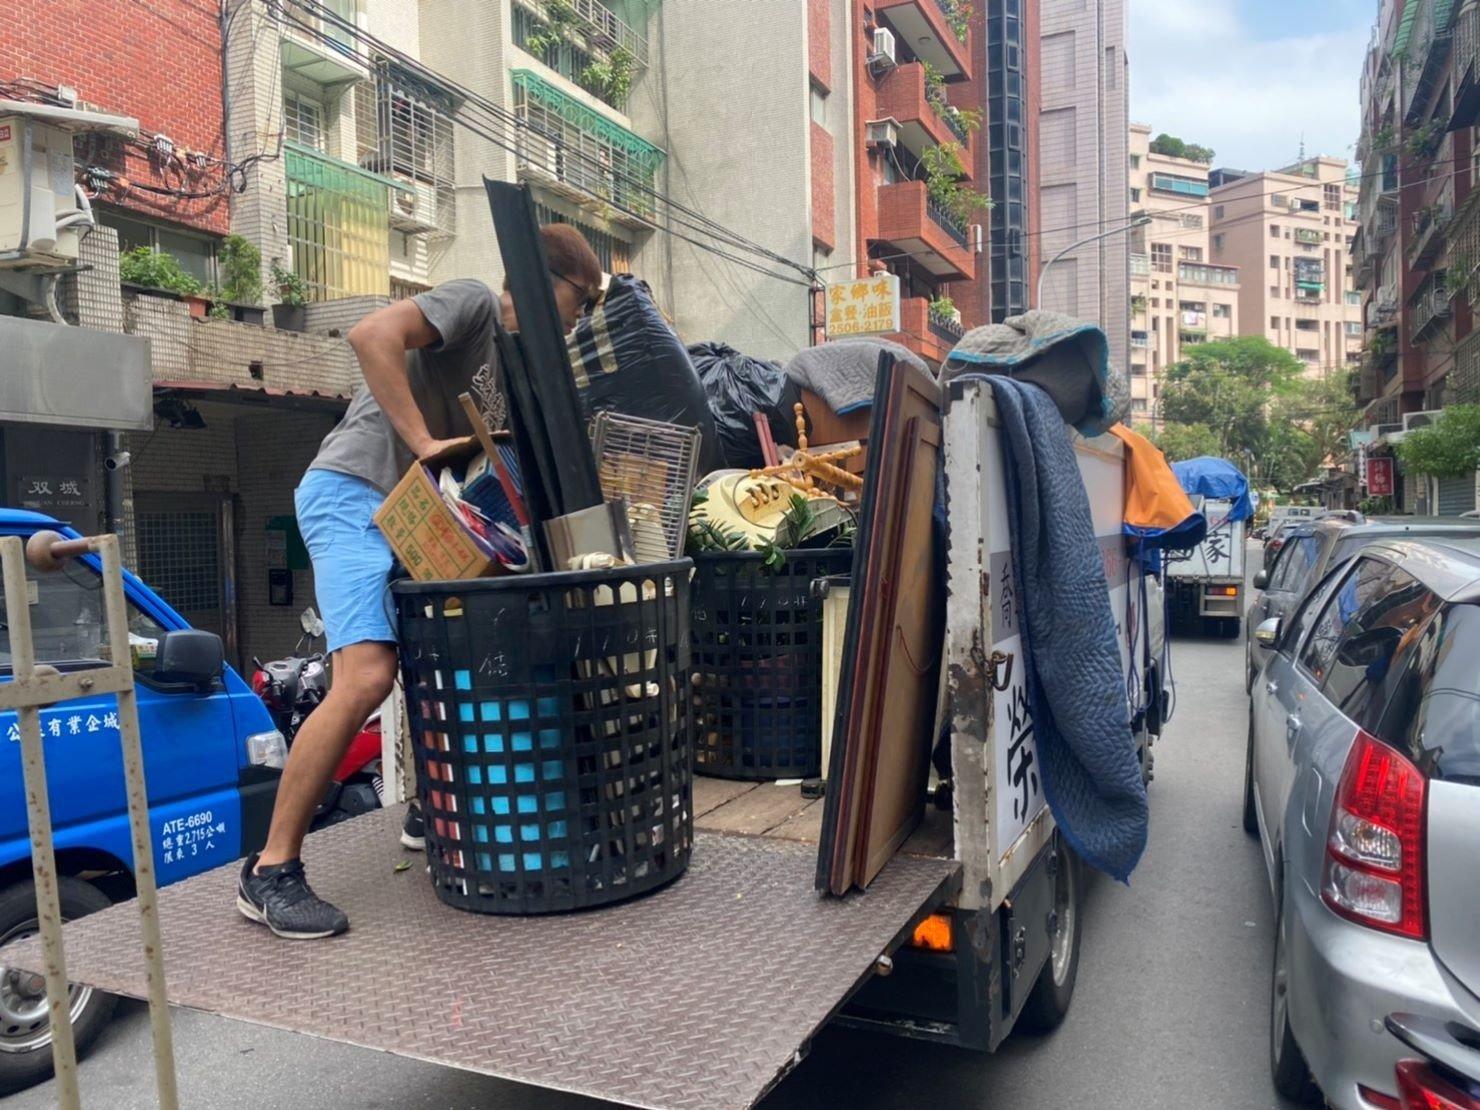 搬家推薦【榮福搬家】搬家口碑第一、台北搬家、新北搬家:【廢棄物處理清運、家庭家具垃圾處理】榮福搬家公司老舊家具廢棄處理服務,幫您從家中搬運載去廢棄處理廠丟棄。